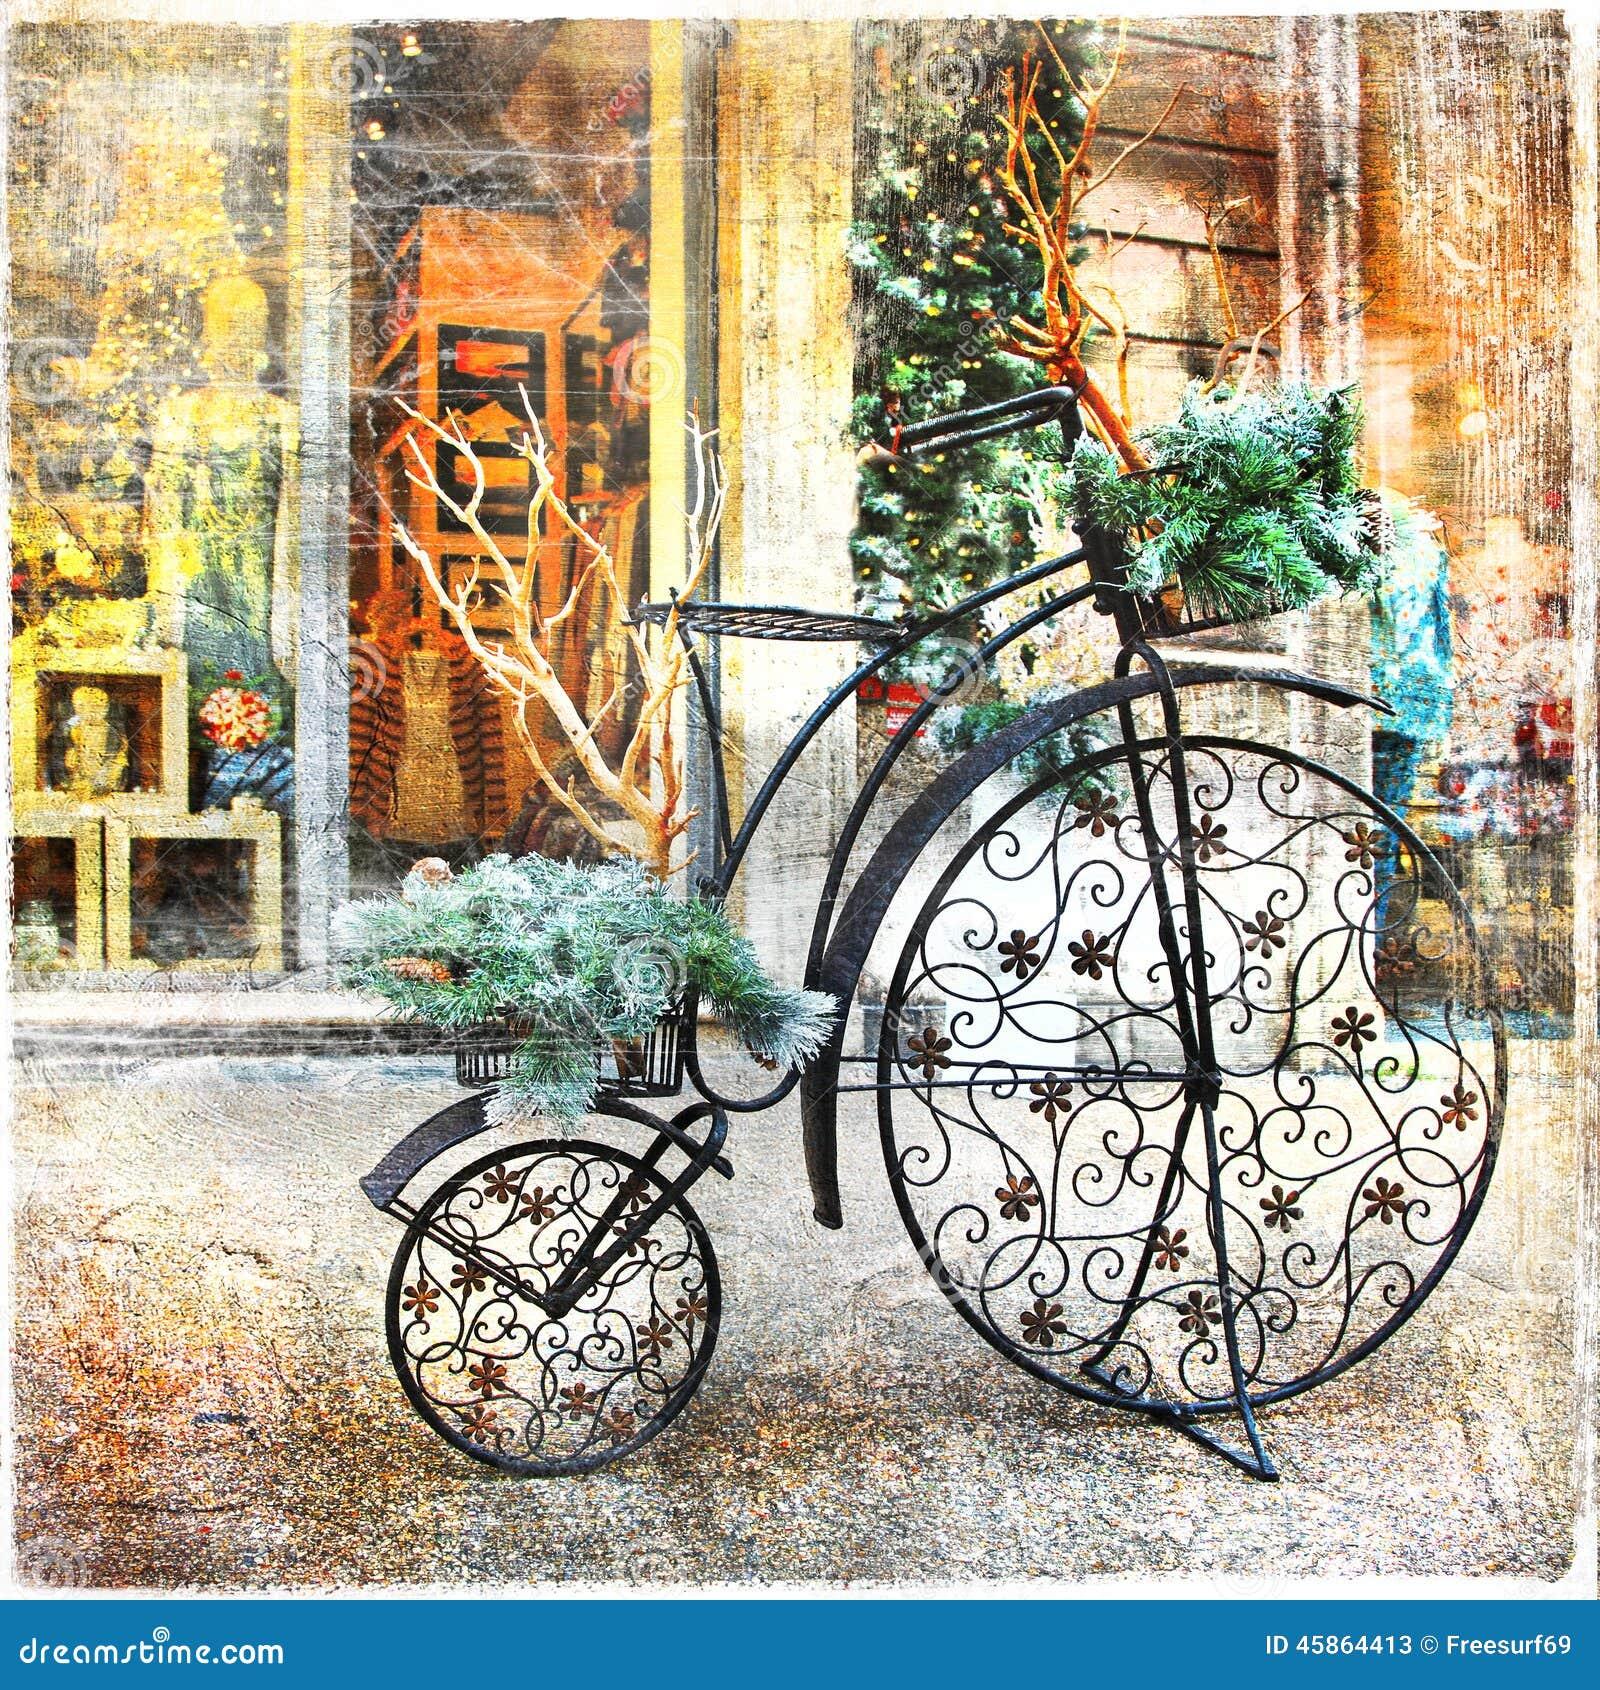 Vintage bike stock image. Image of flower, floral, artwork - 45864413